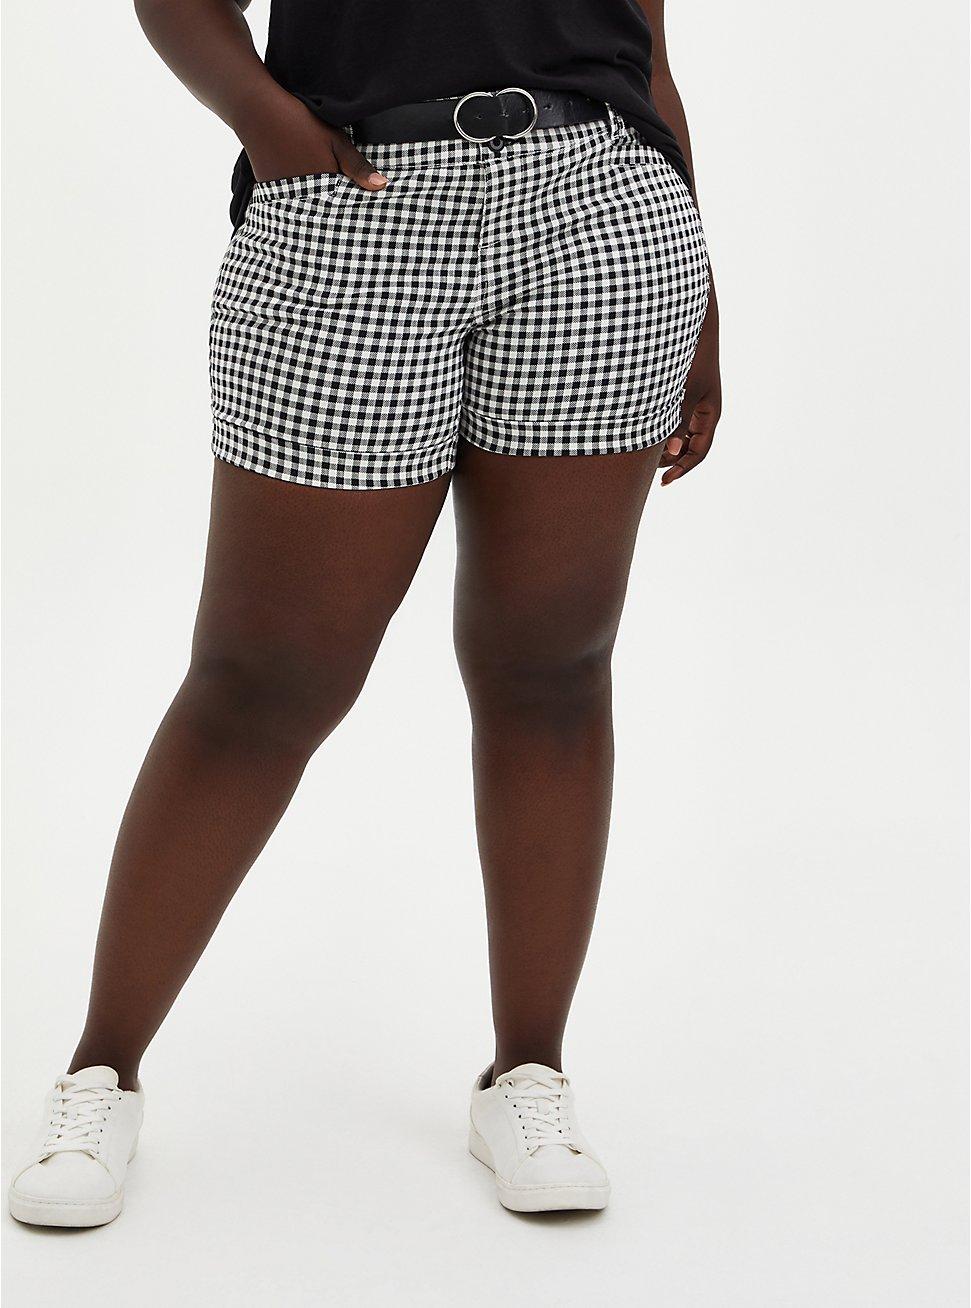 Belted Mid Short - Black & White Gingham Sateen, , hi-res